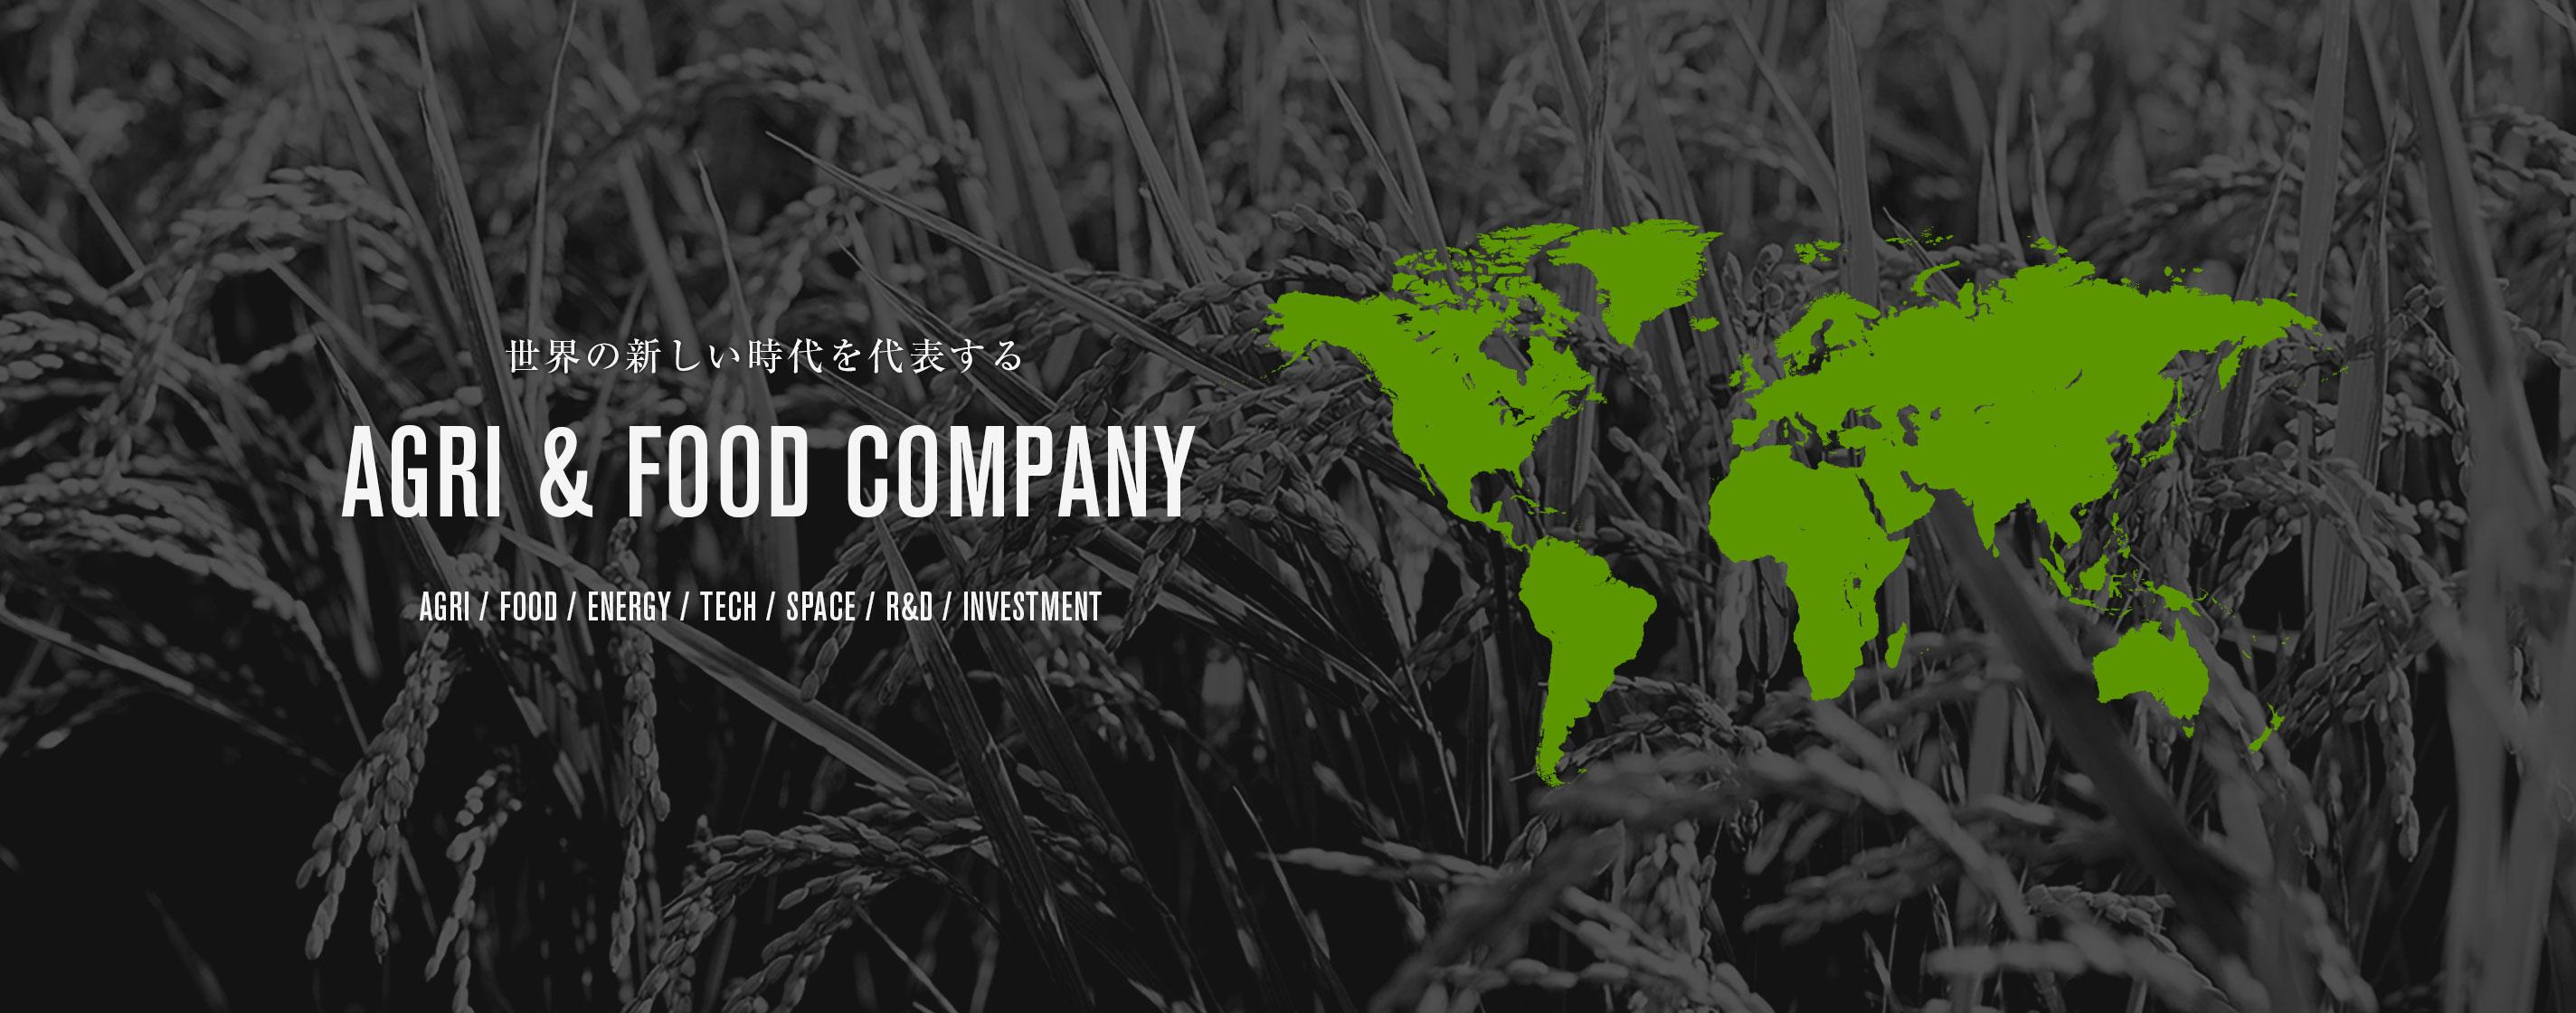 アグリホールディングス株式会社の農業をグローバルに出口とつなぐダイレクトチェーン構築の要 コミュニケーション部門のカバー画像